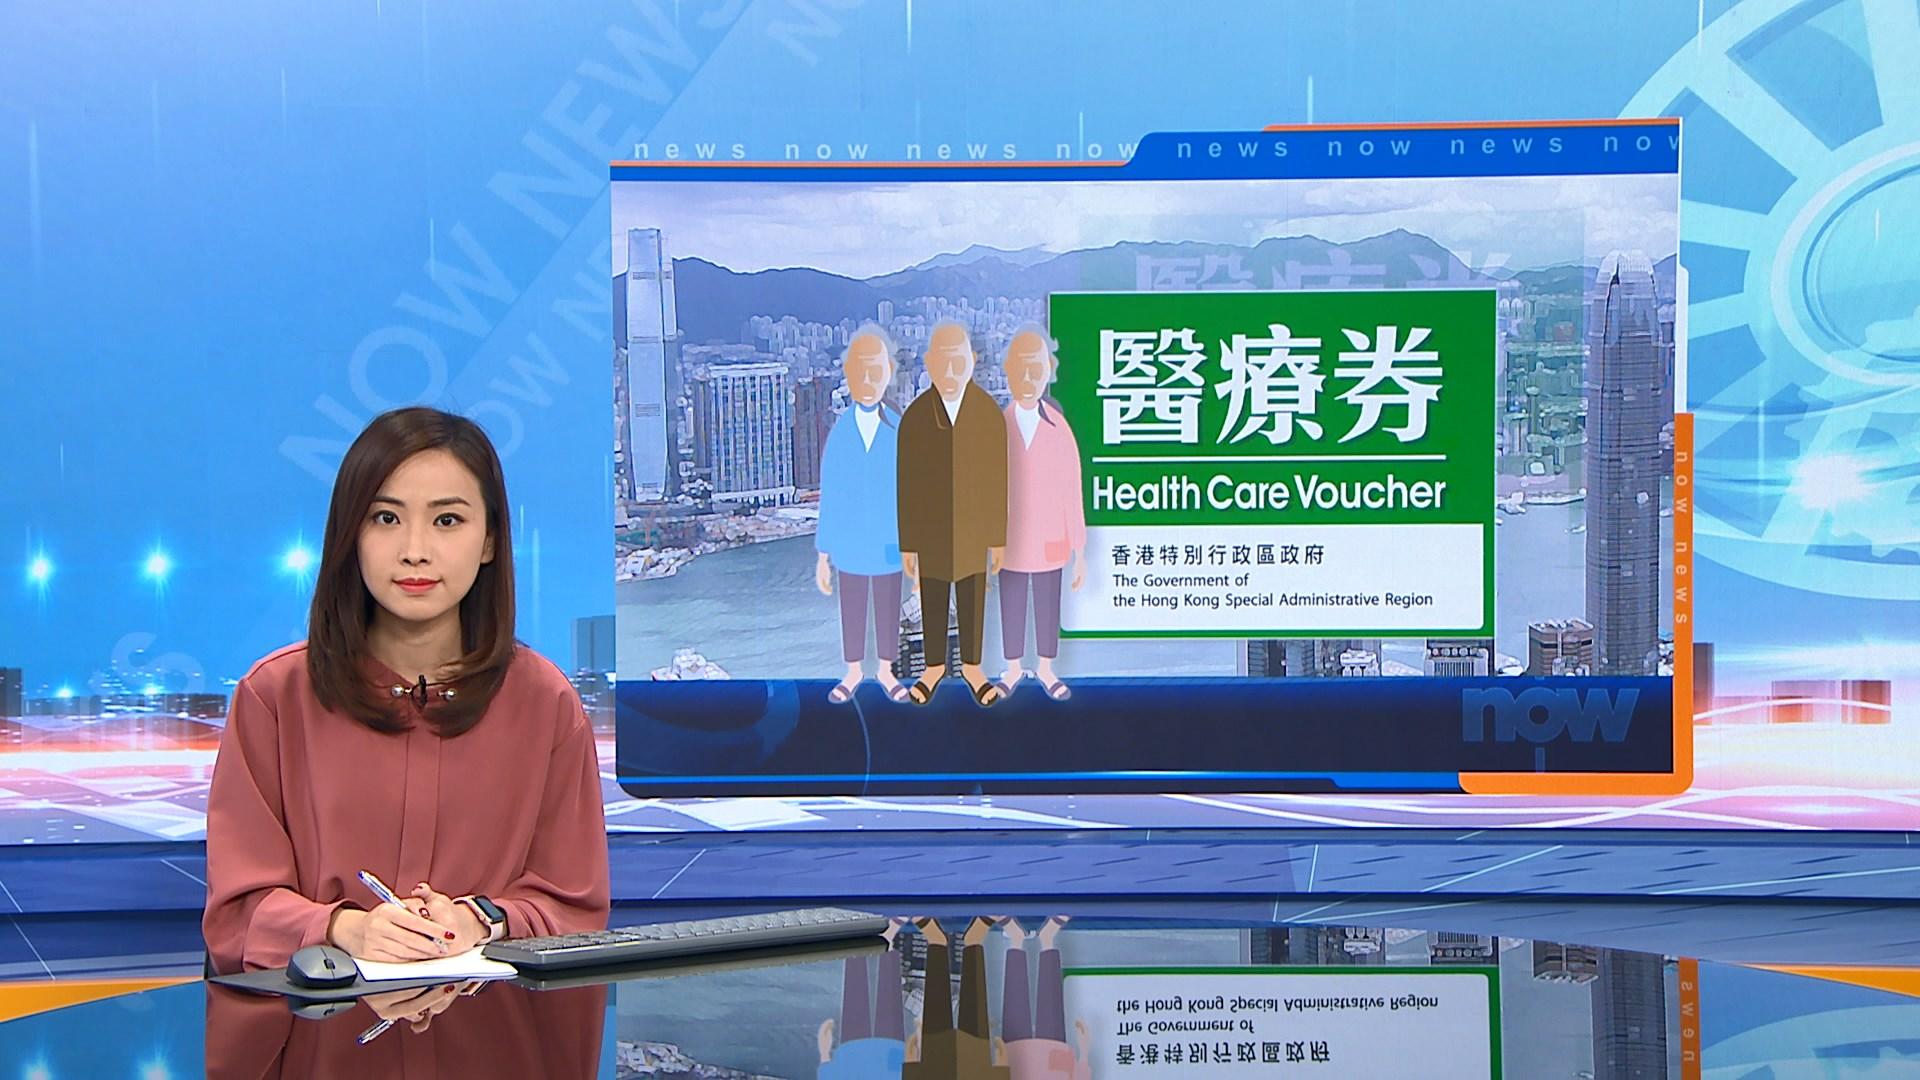 有病人組織支持收緊醫療券配眼鏡金額上限